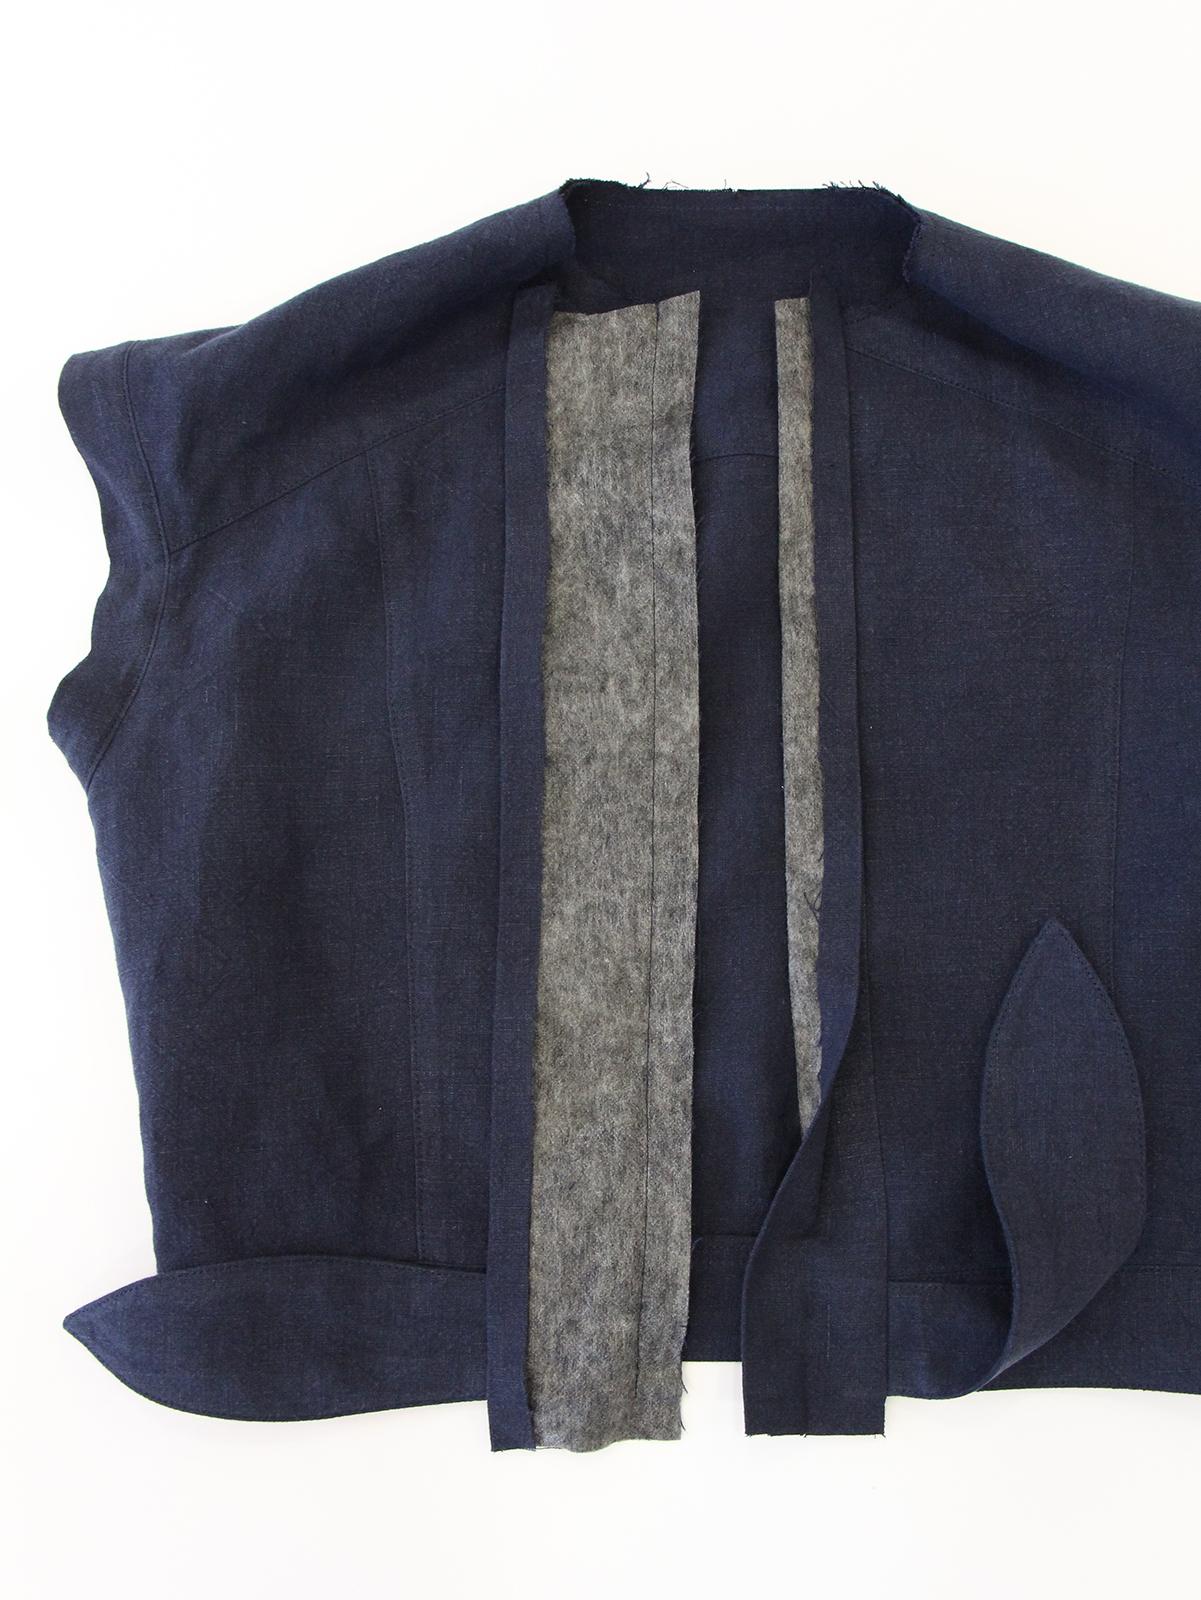 Megan Nielsen Patterns   Matilda Sewalong: Matching Set Hack   Stitching & Folding Your Top Placket